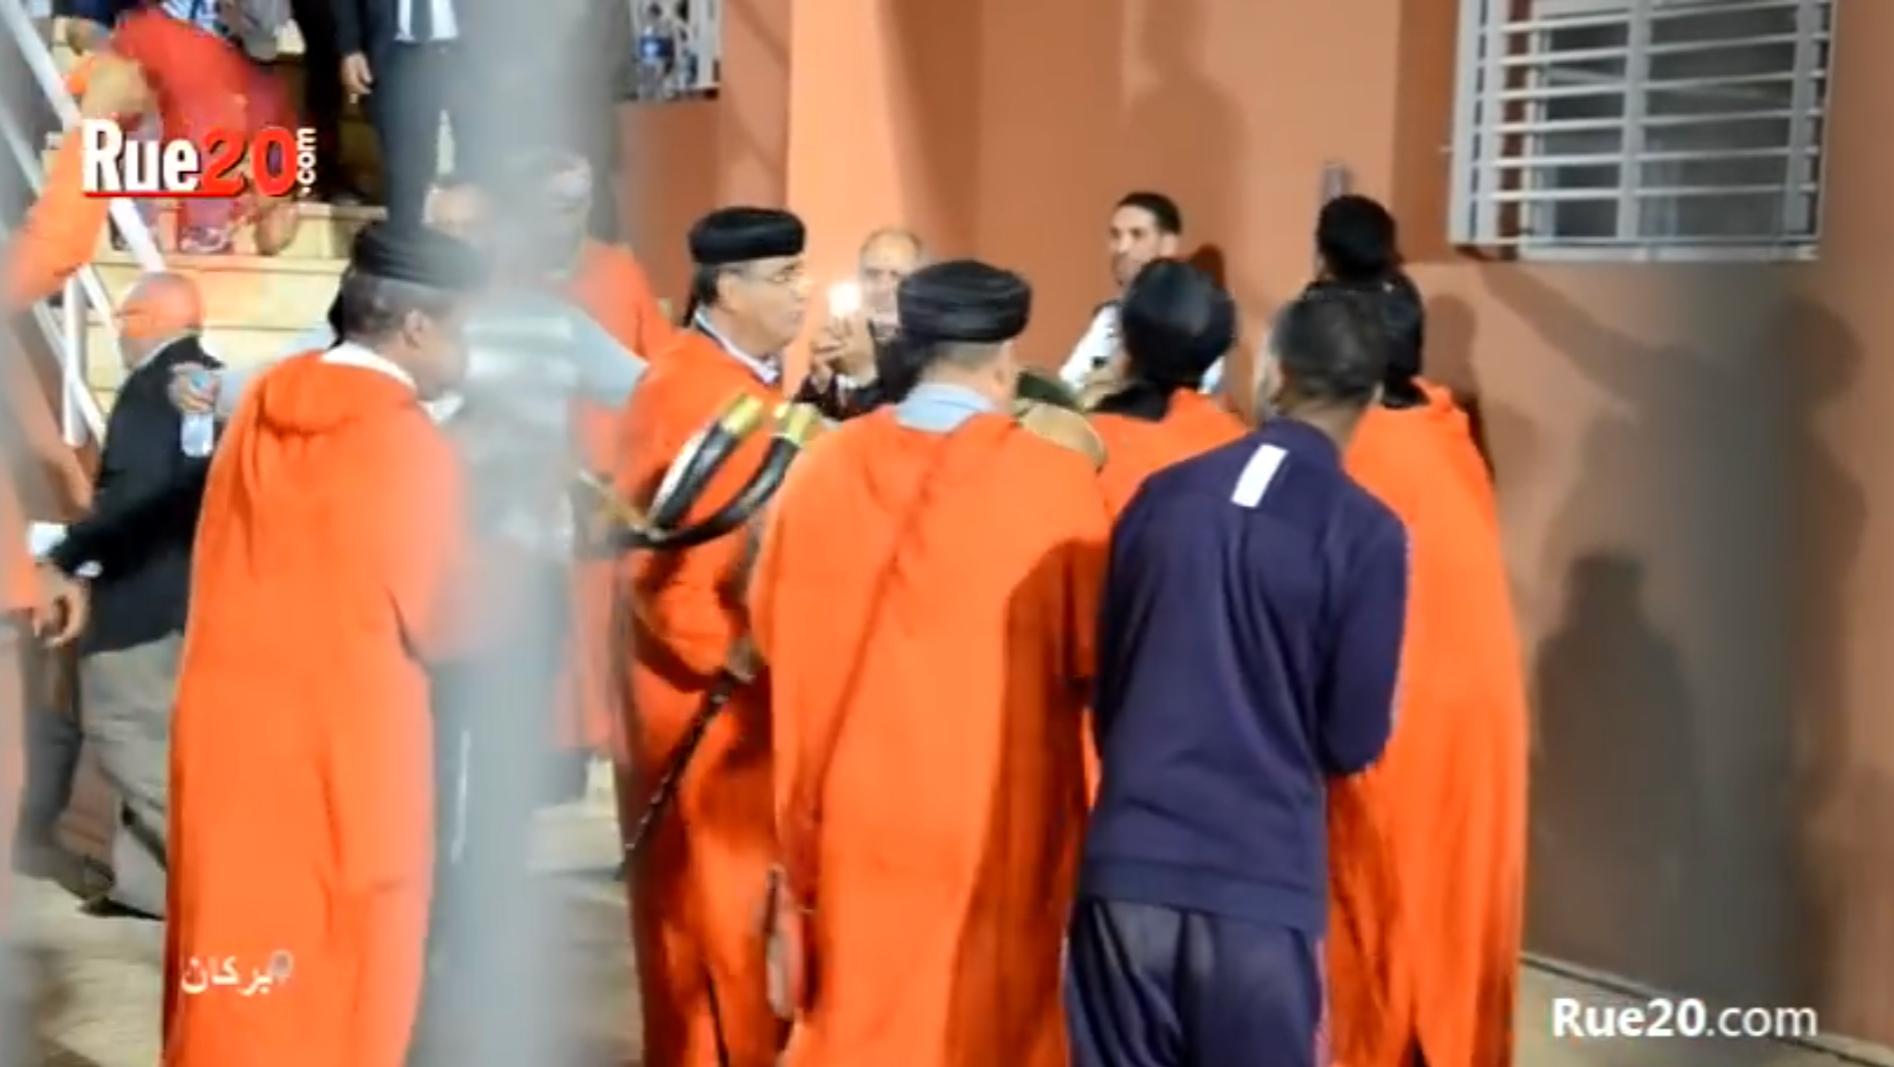 فيديو/إحتفالات صاخبة لجماهير بركان بالرگادة بعد الفوز على الزمالك المصري